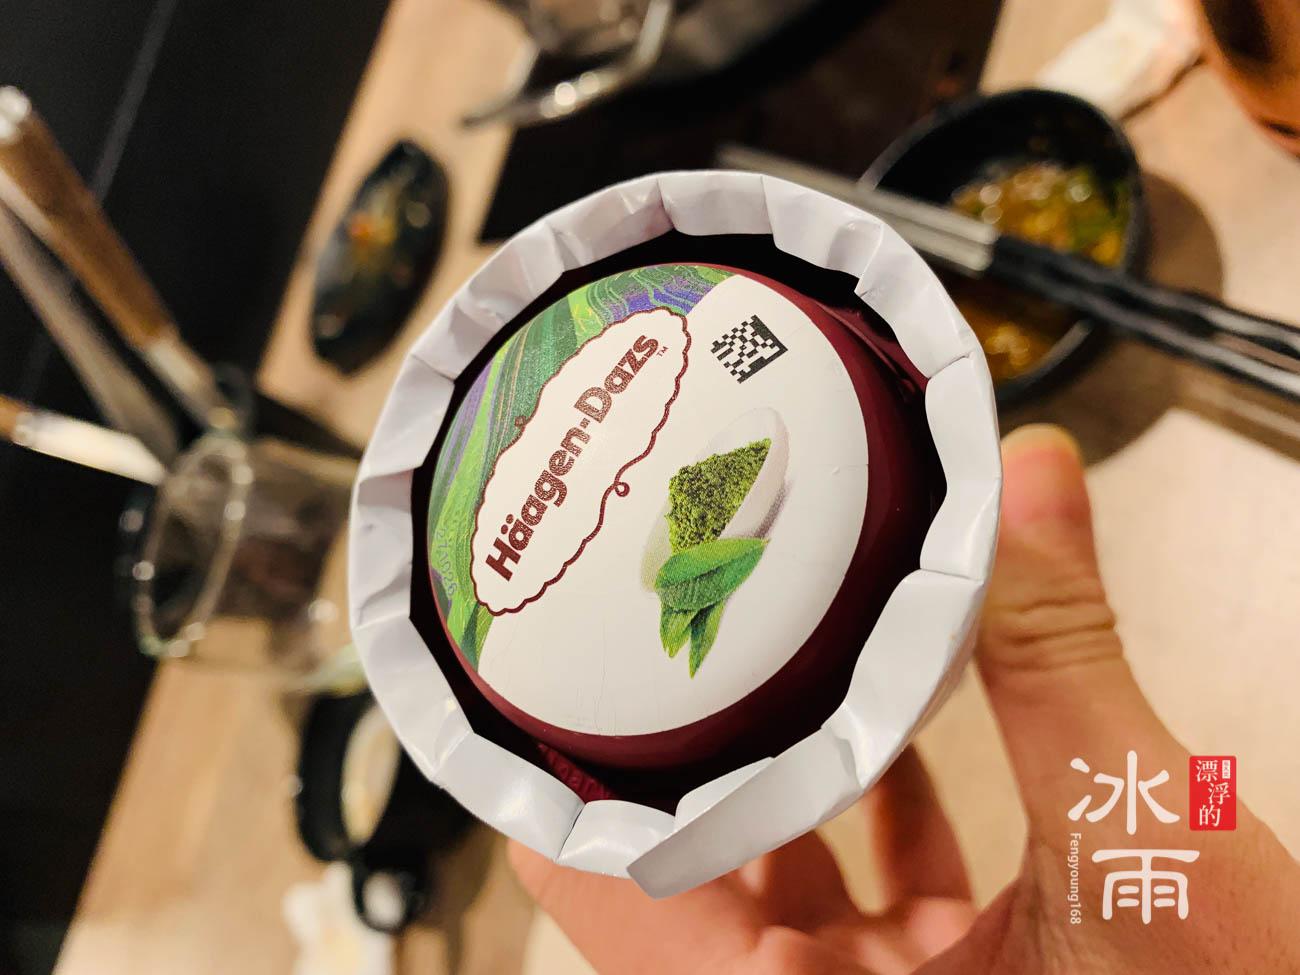 特殊的冰淇淋甜筒口味,這一個就要99台幣了,在這多吃幾根吧!